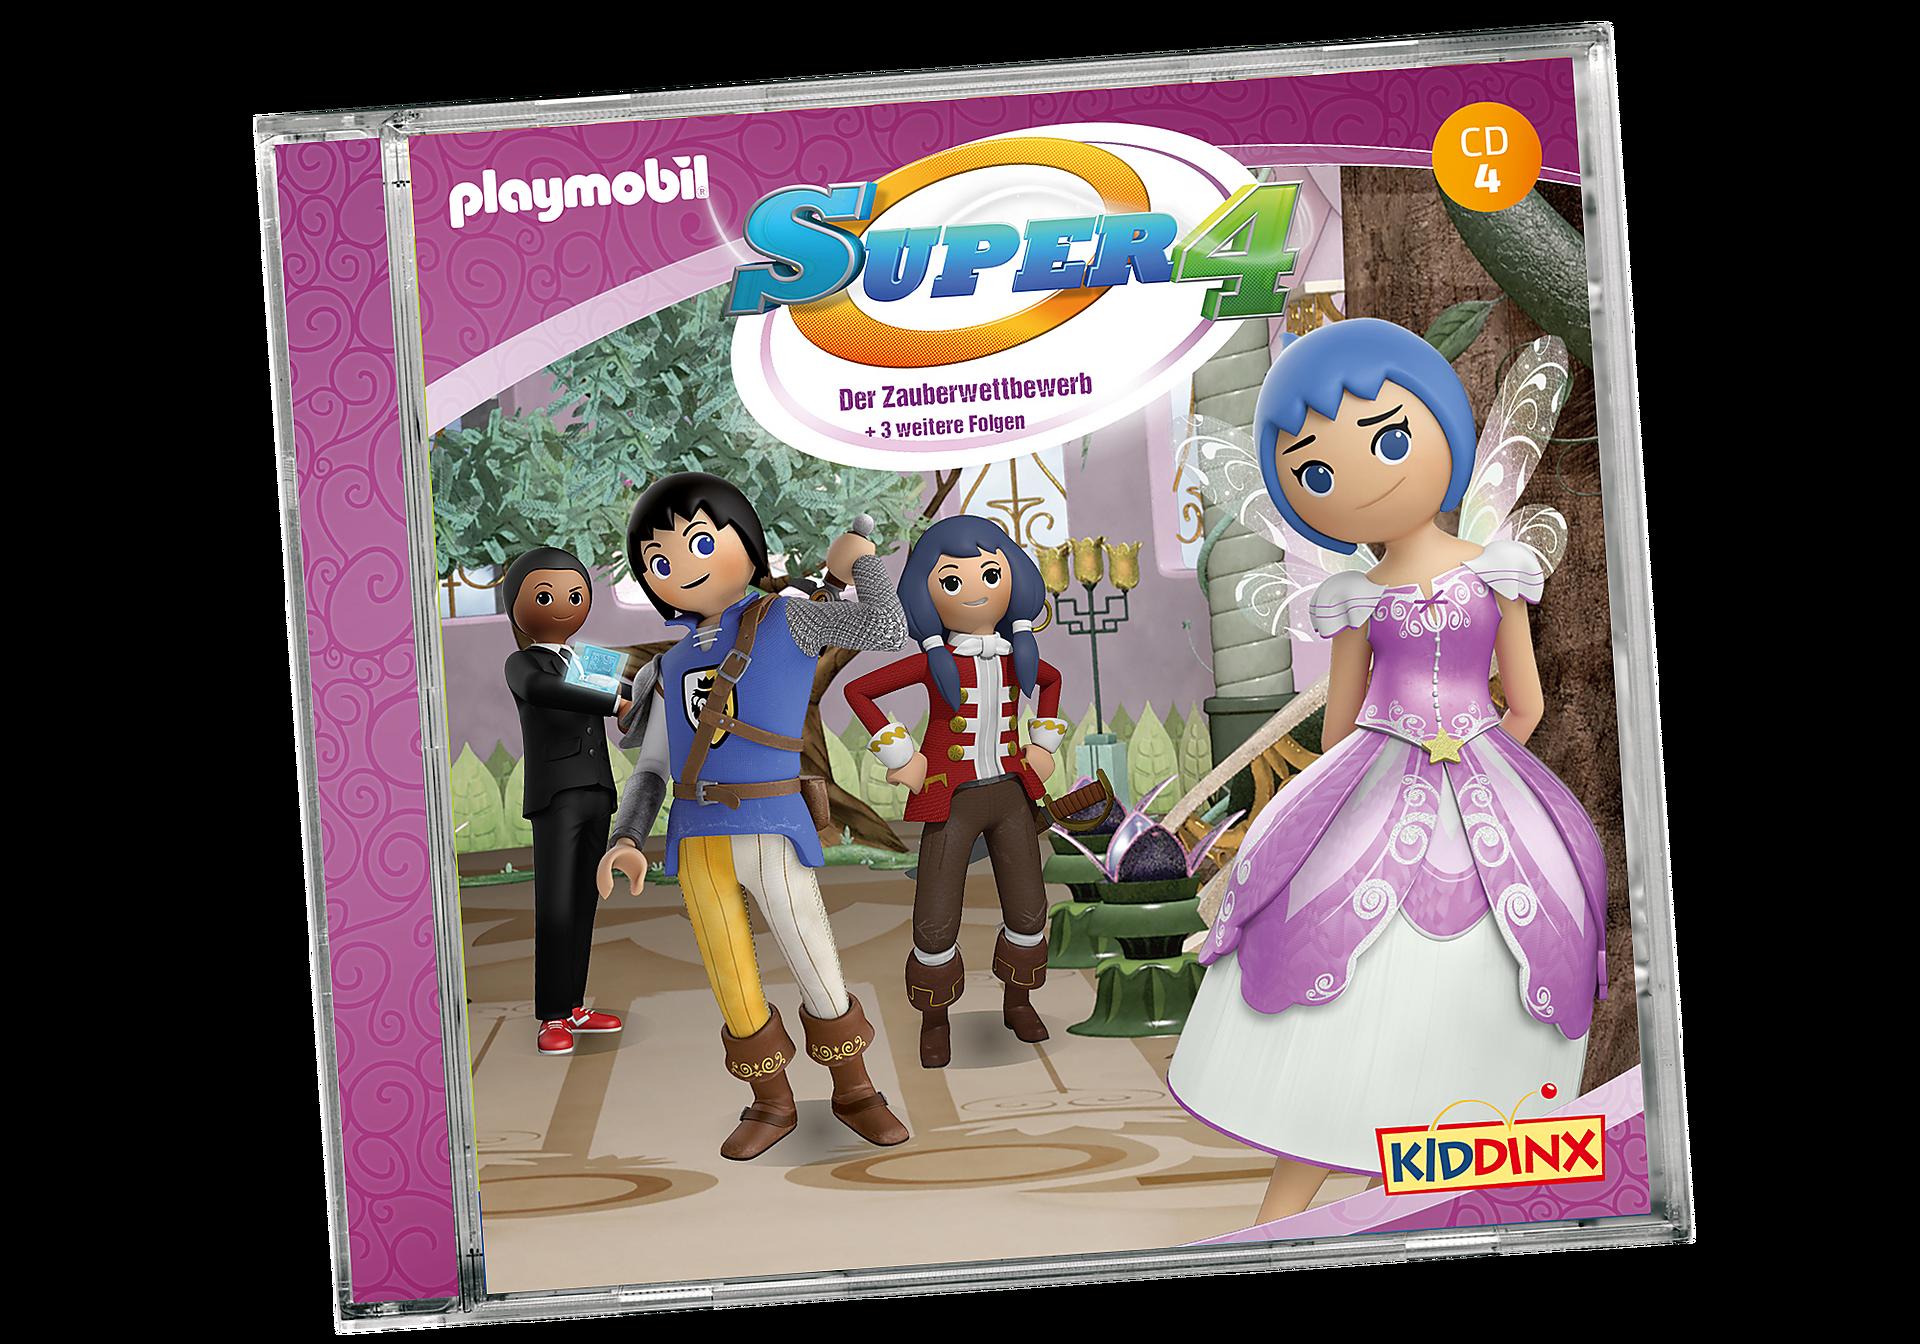 80016 CD Super4: Folge 4 Der Zauberwettbewerb zoom image1